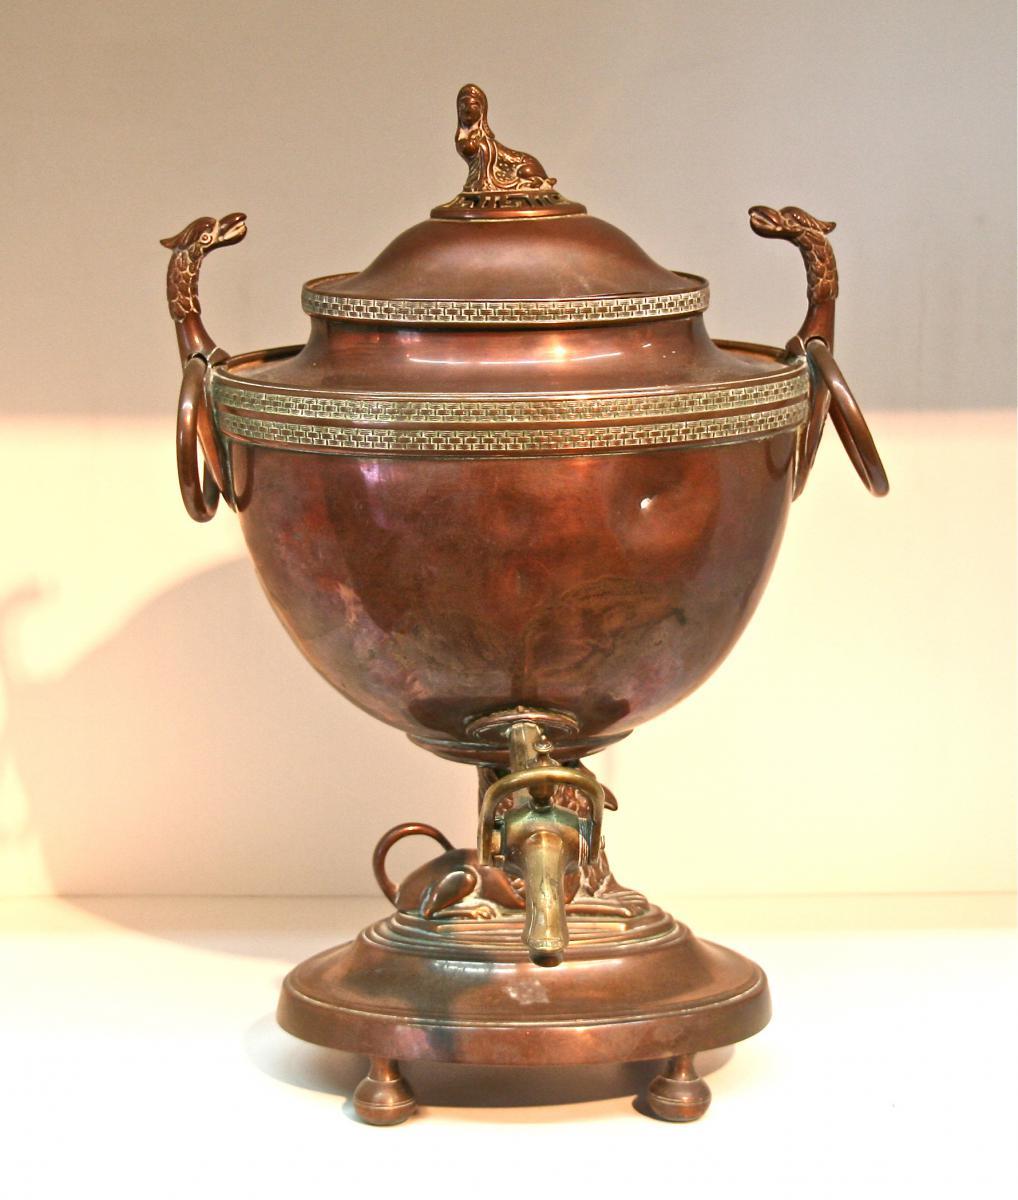 Fontaine de table en cuivre xix me objets d 39 art - Fontaine de table ...